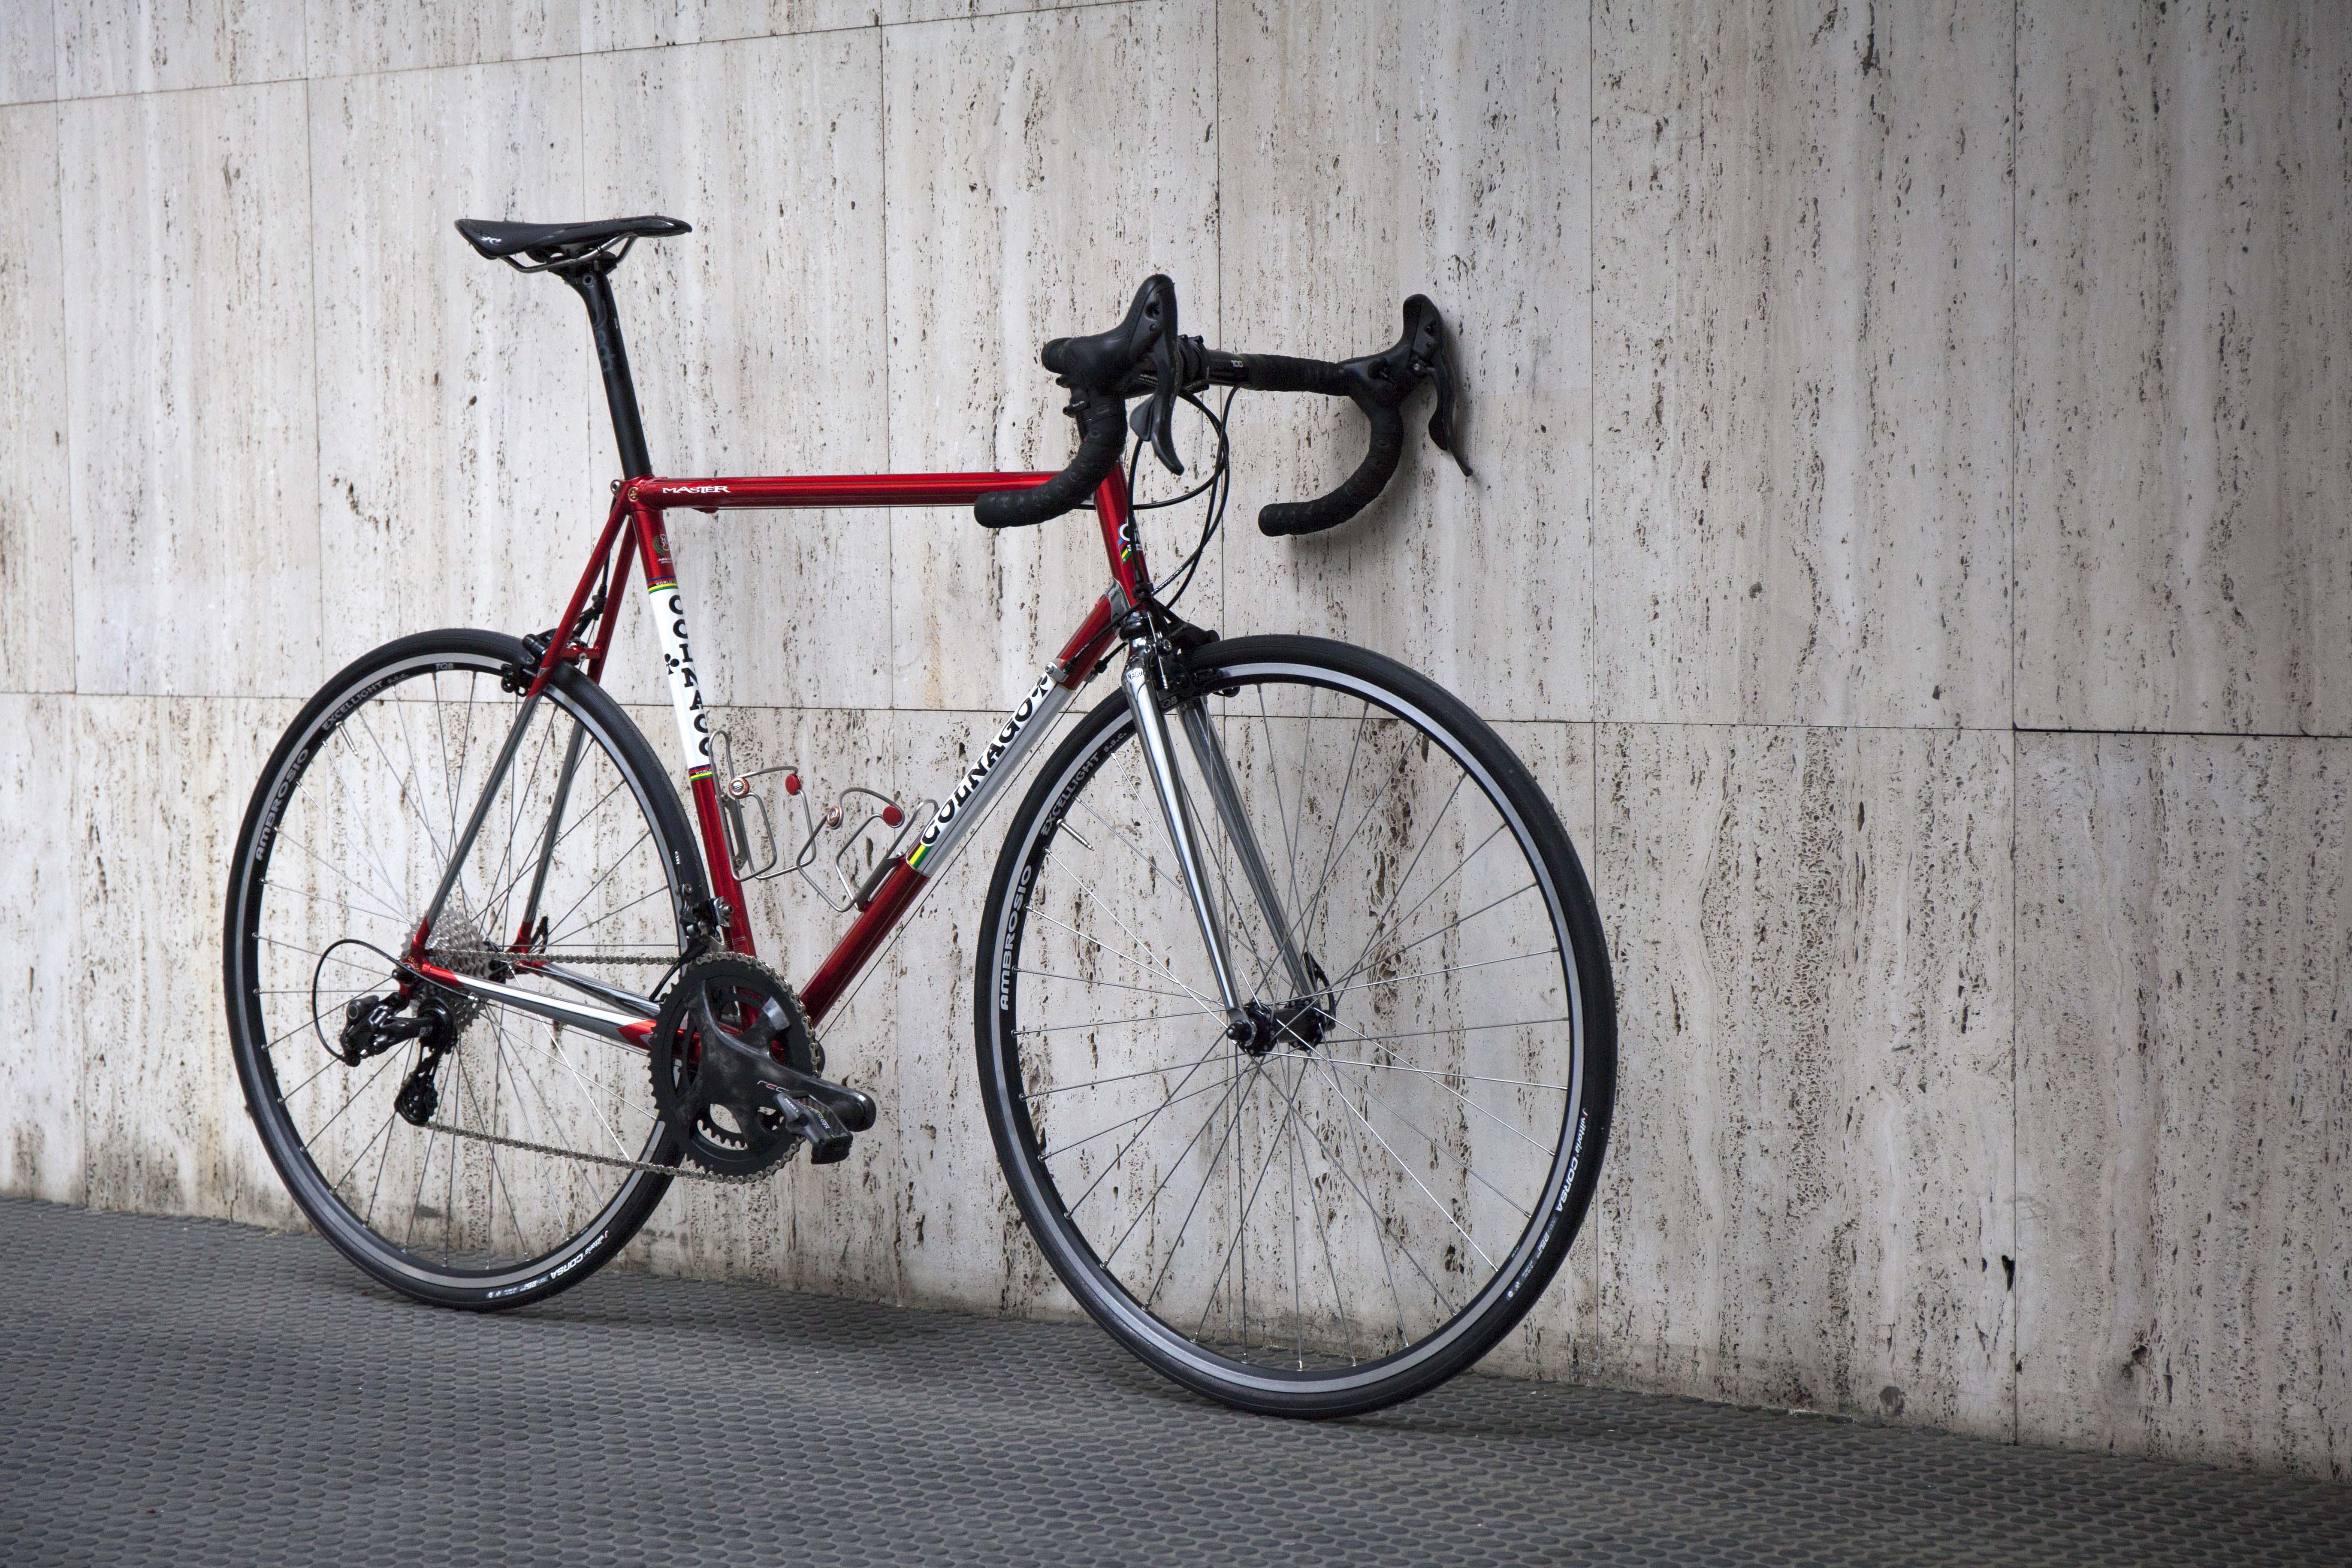 Cicli Corsa Colnago Master Saronni Red Campagnolo record 12